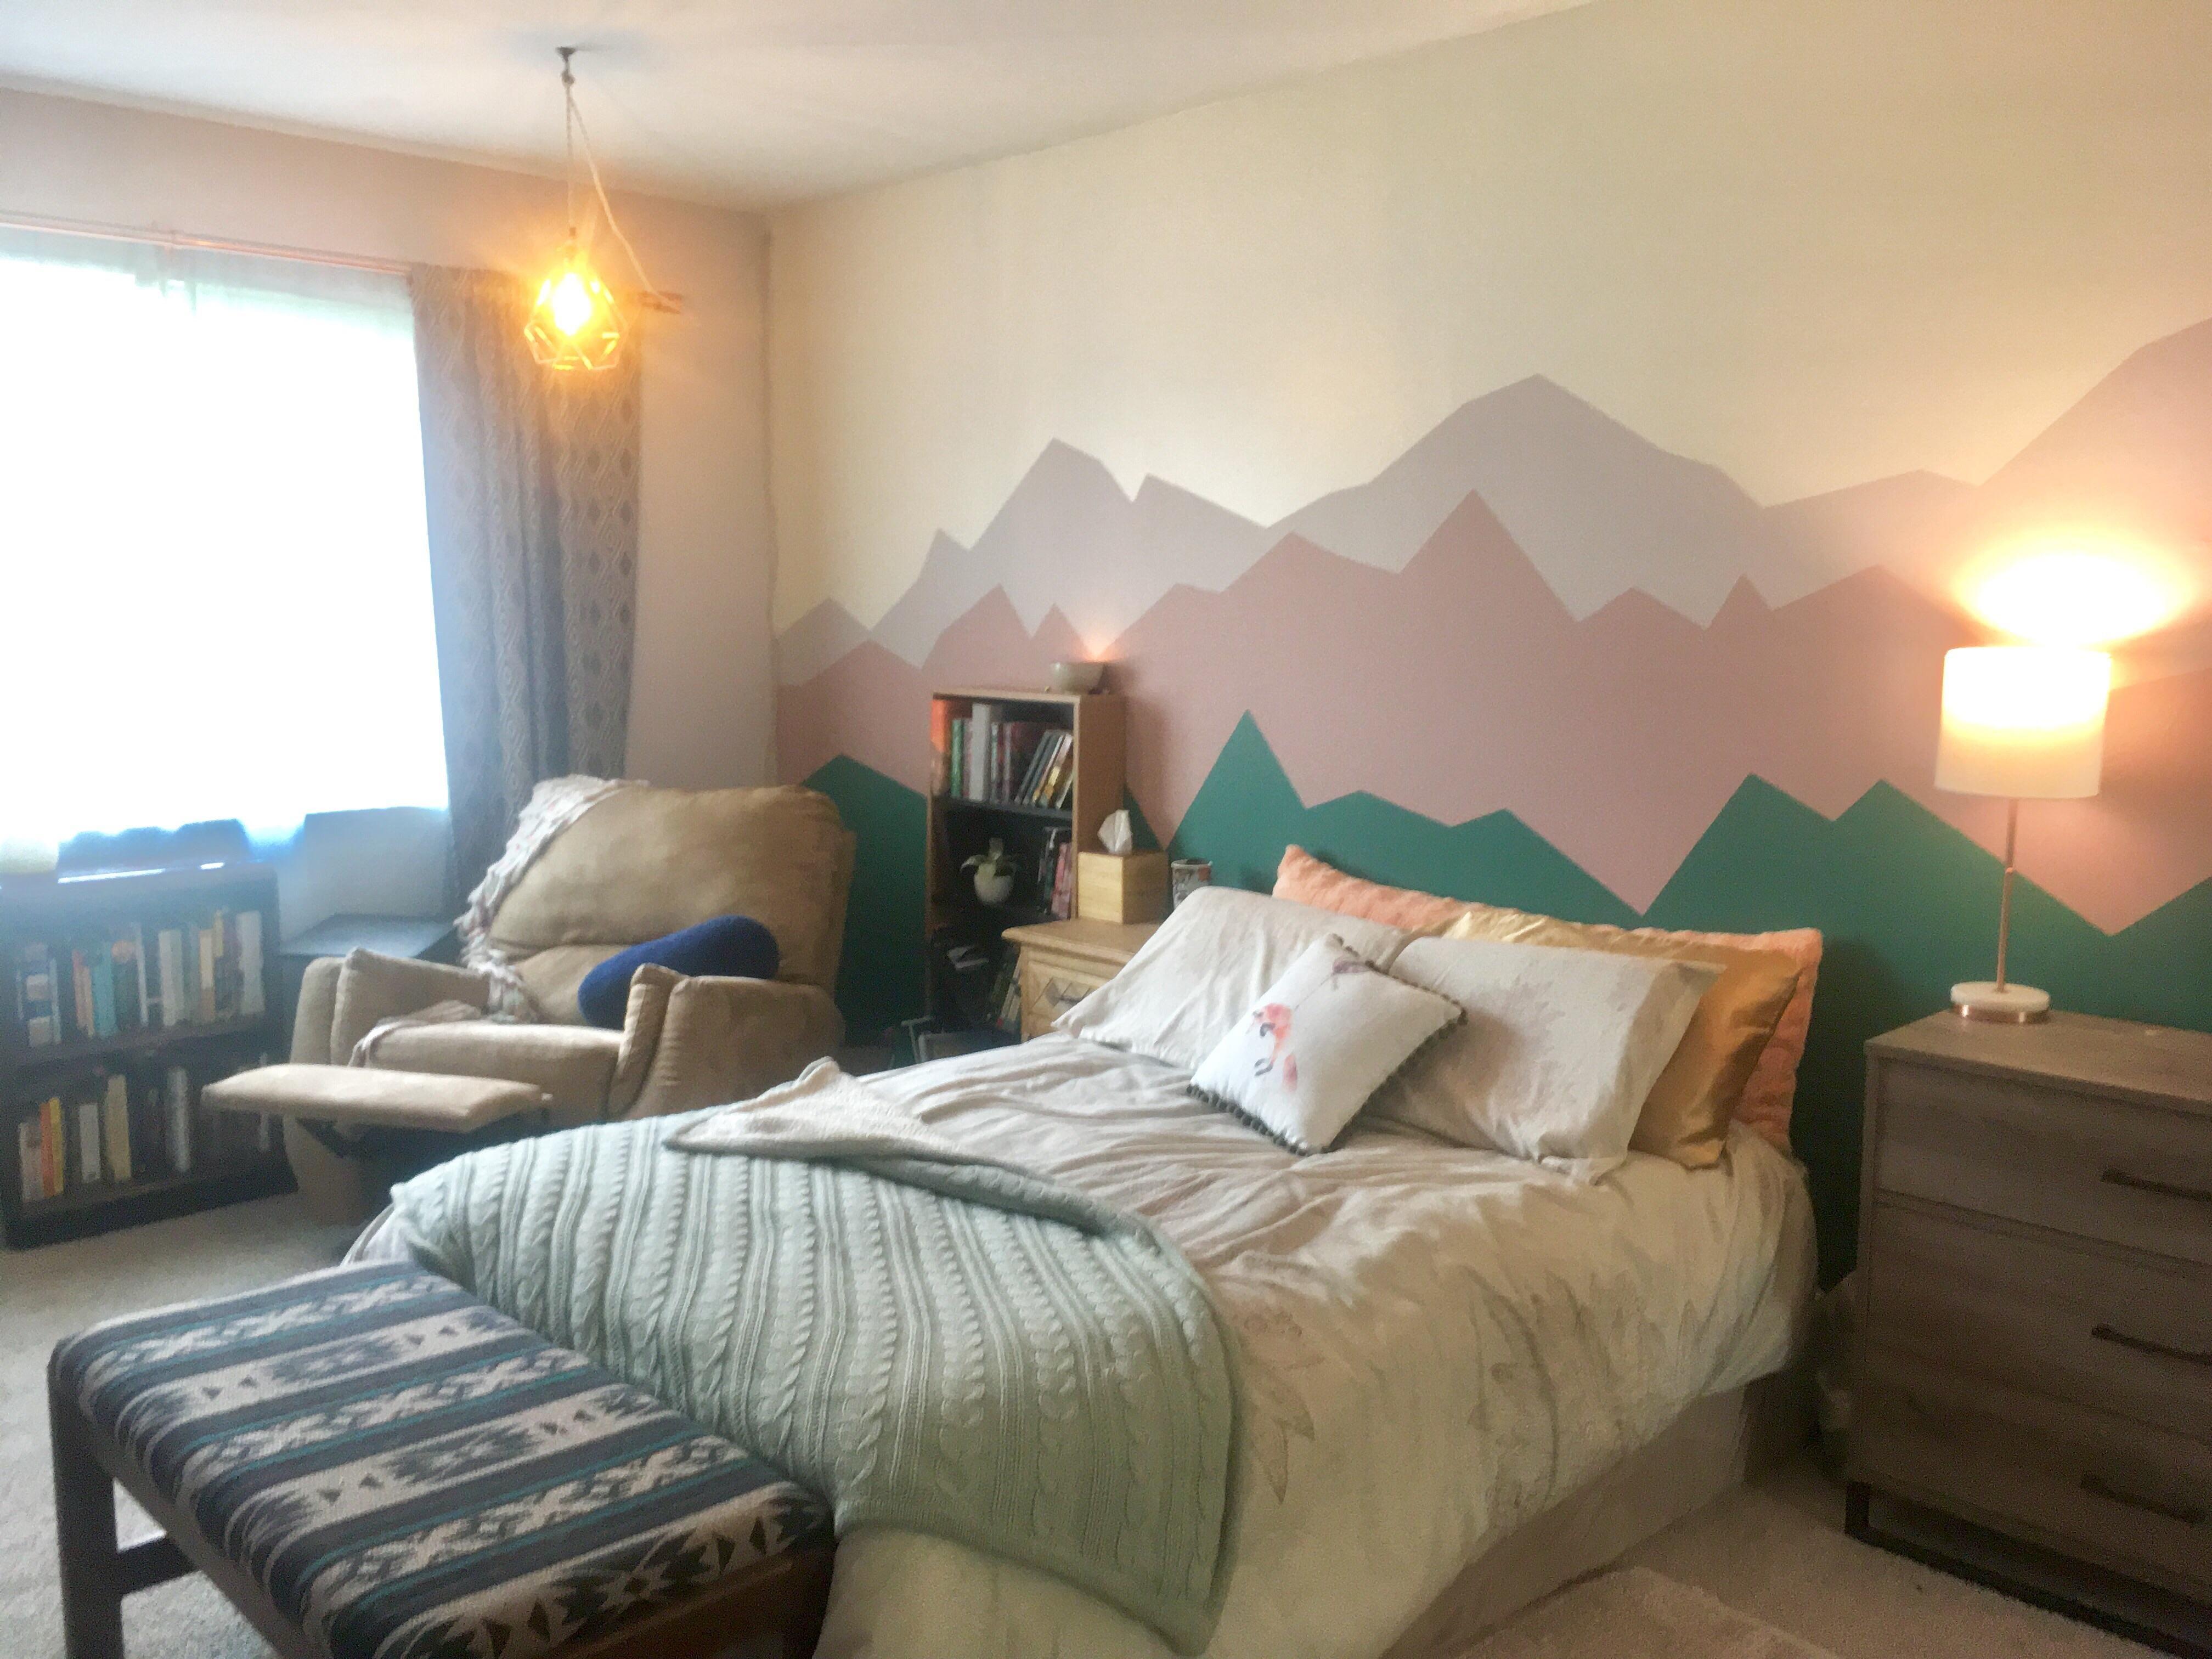 r6c3b0vln0tz.jpg (4032×3024) Cozy bedroom warm, Bedroom